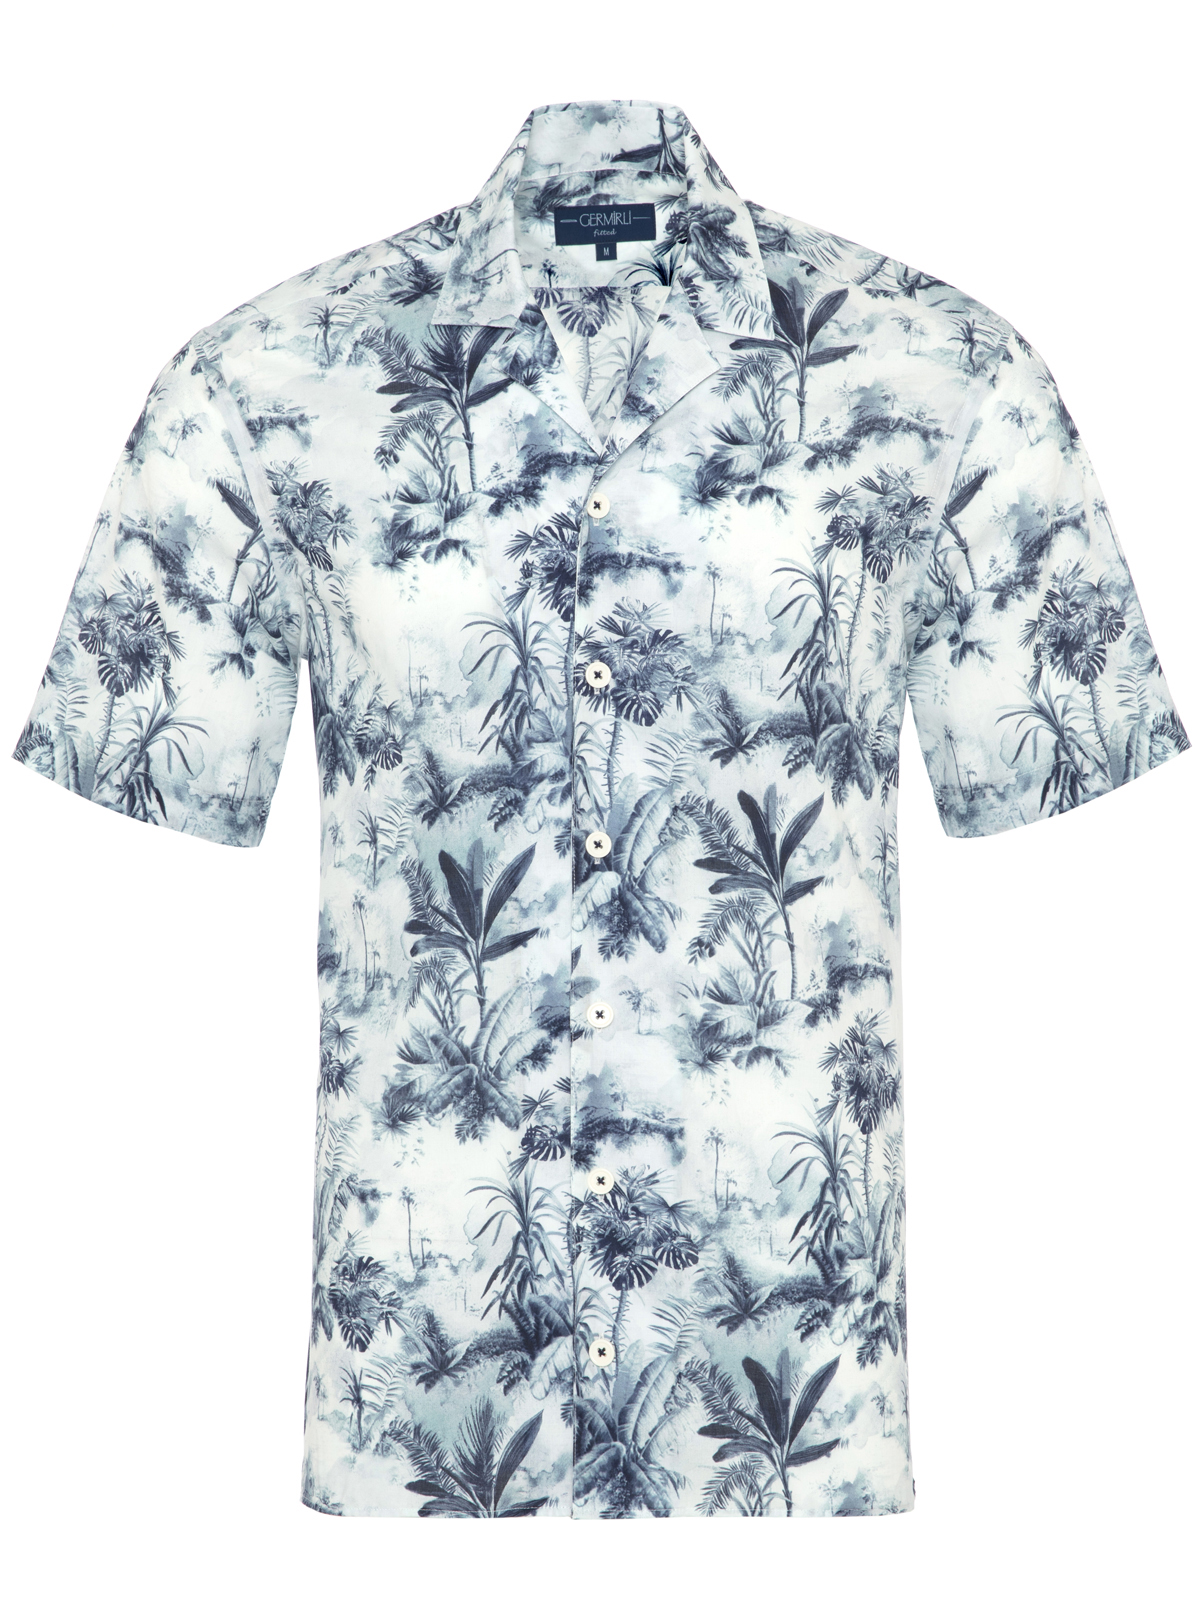 Germirli - Germirli Mavi Palmiye Desenli Hawaii Kısa Kollu Tailor Fit Gömlek